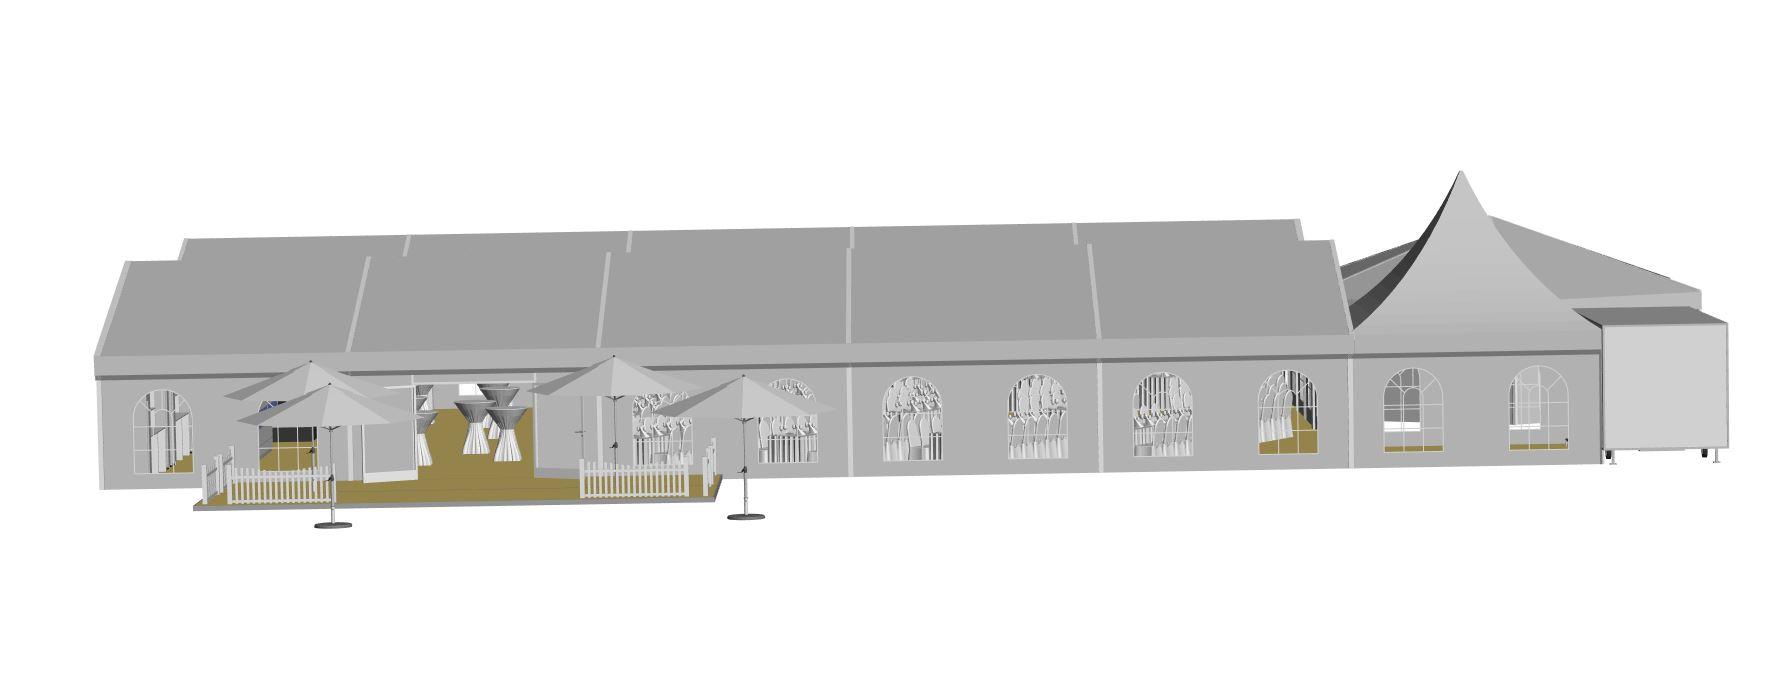 2 Zelte 10x30m Sechseck Bueffetzelt Pagode zum Toilettenwagen Zeltdach-zu